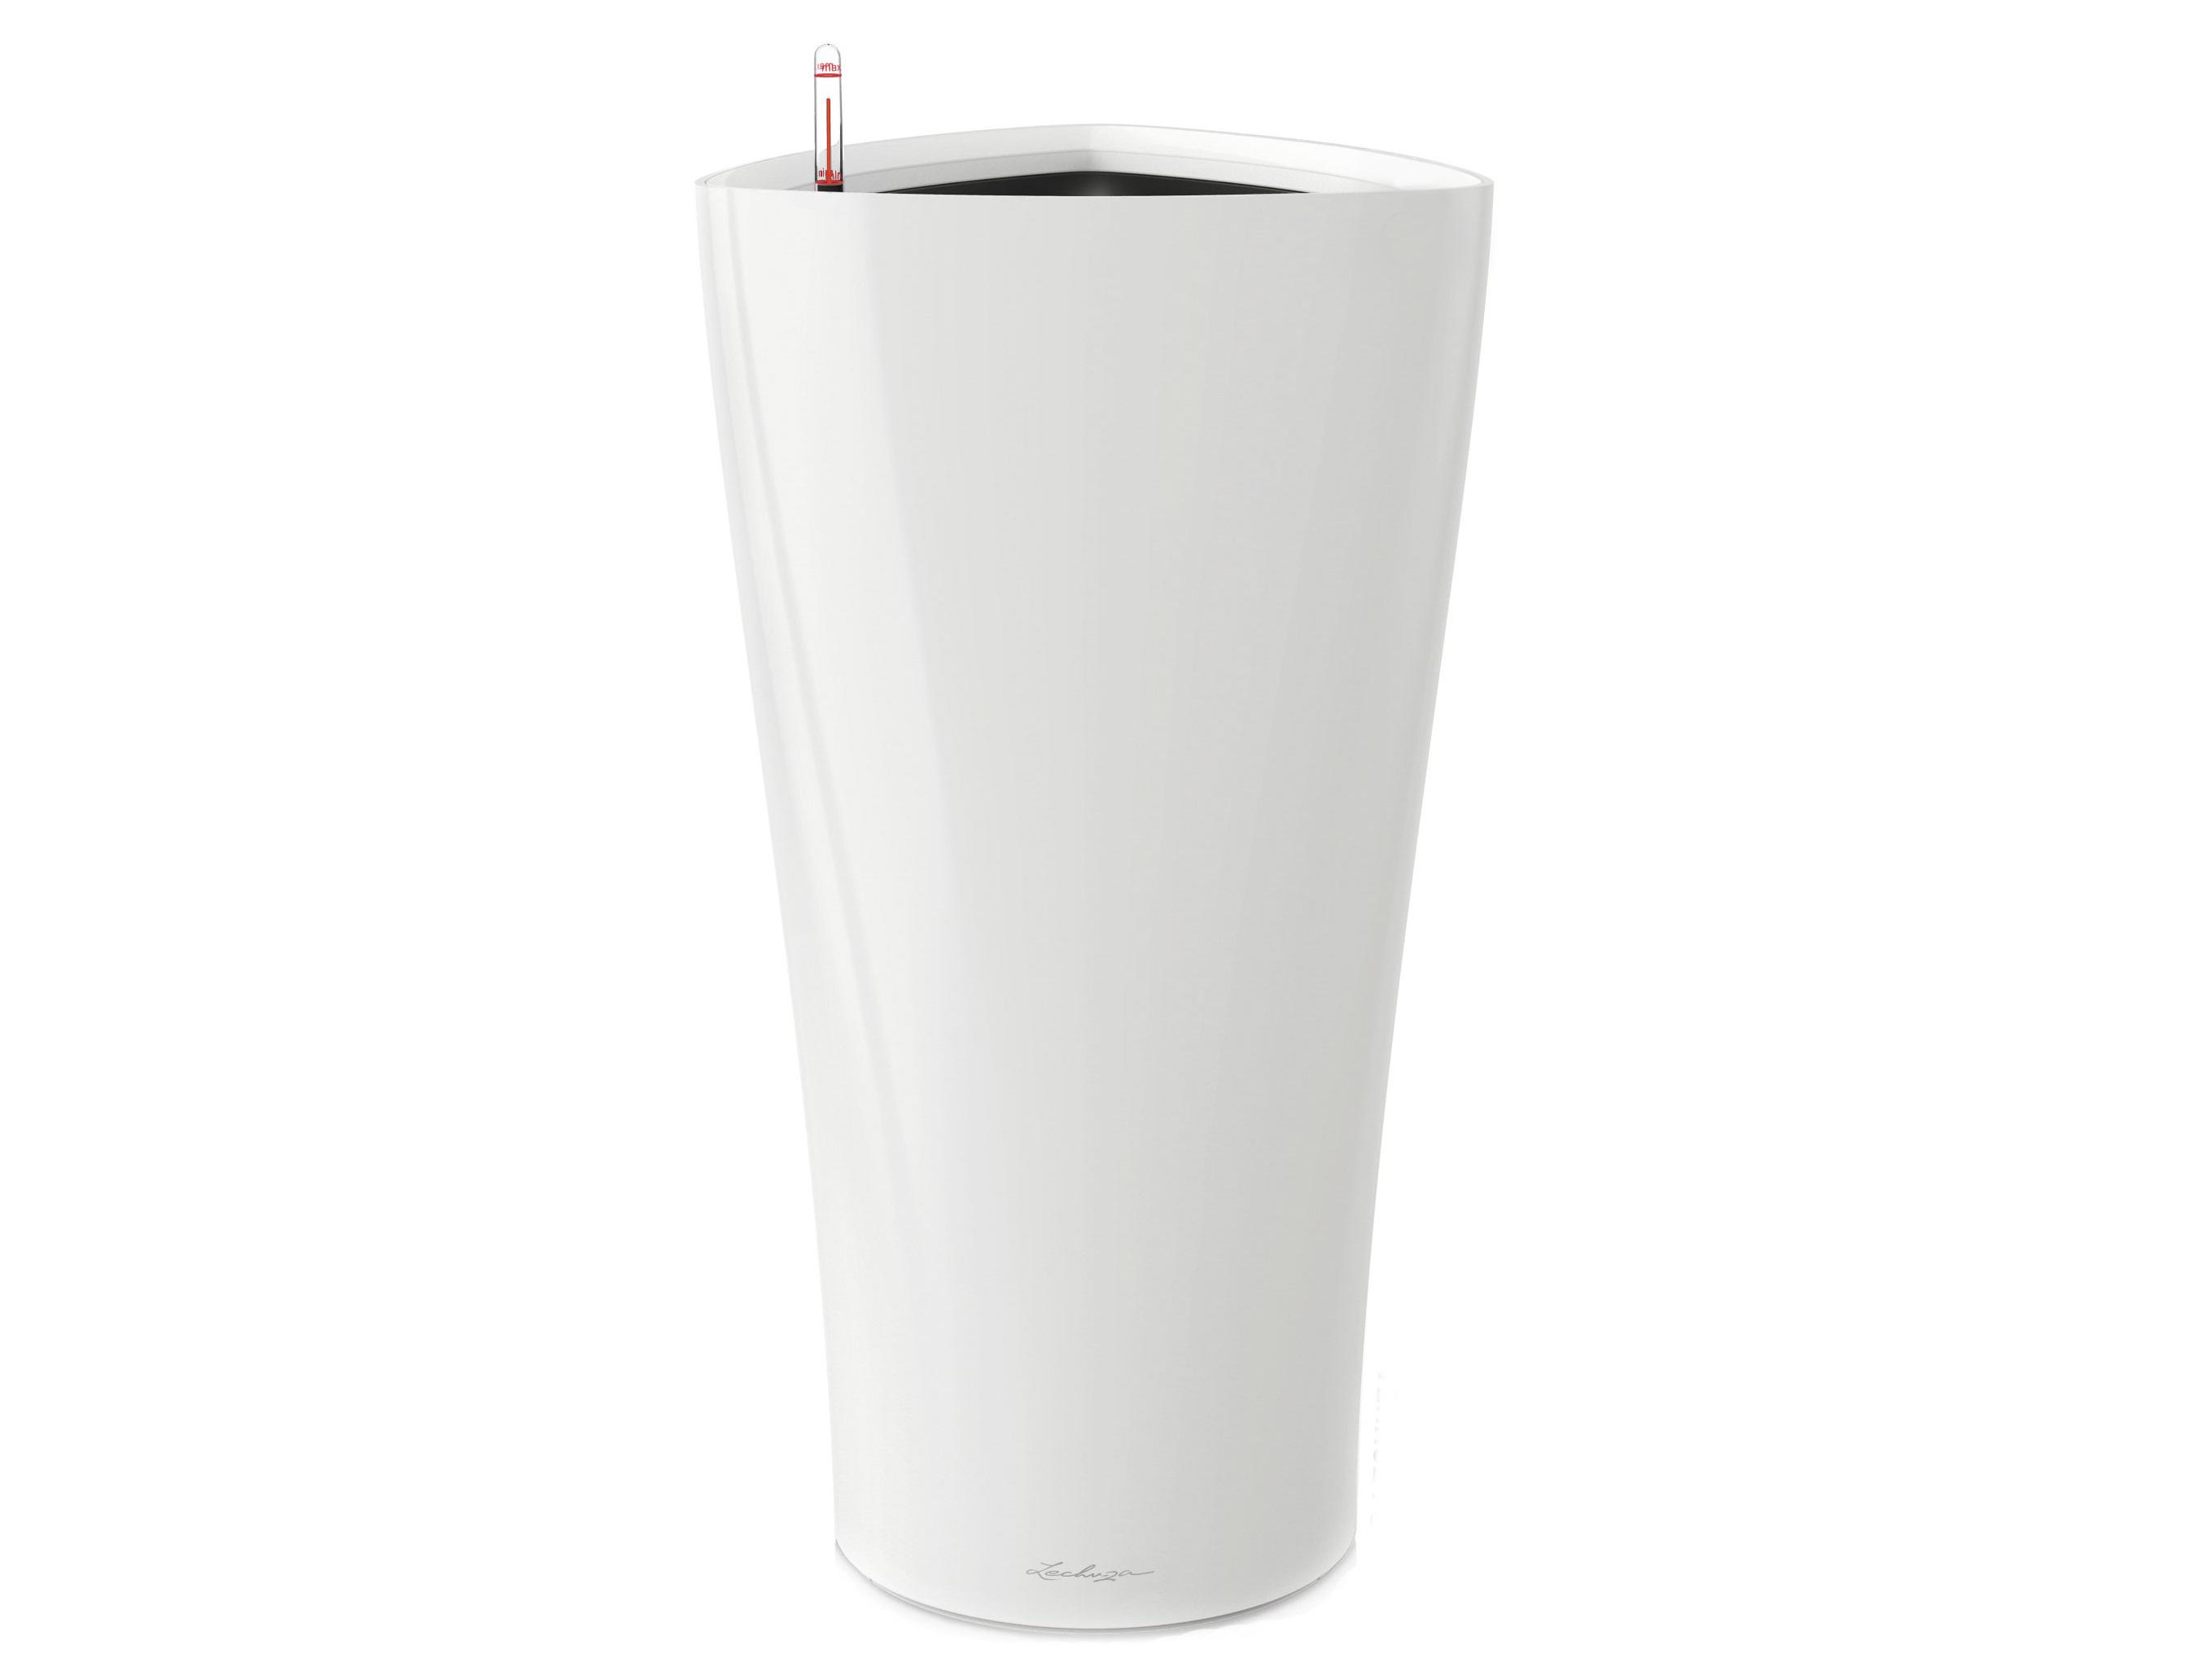 Кашпо с системой полива ДельтаКашпо<br><br><br>Material: Пластик<br>Width см: 30<br>Depth см: 30<br>Height см: 56